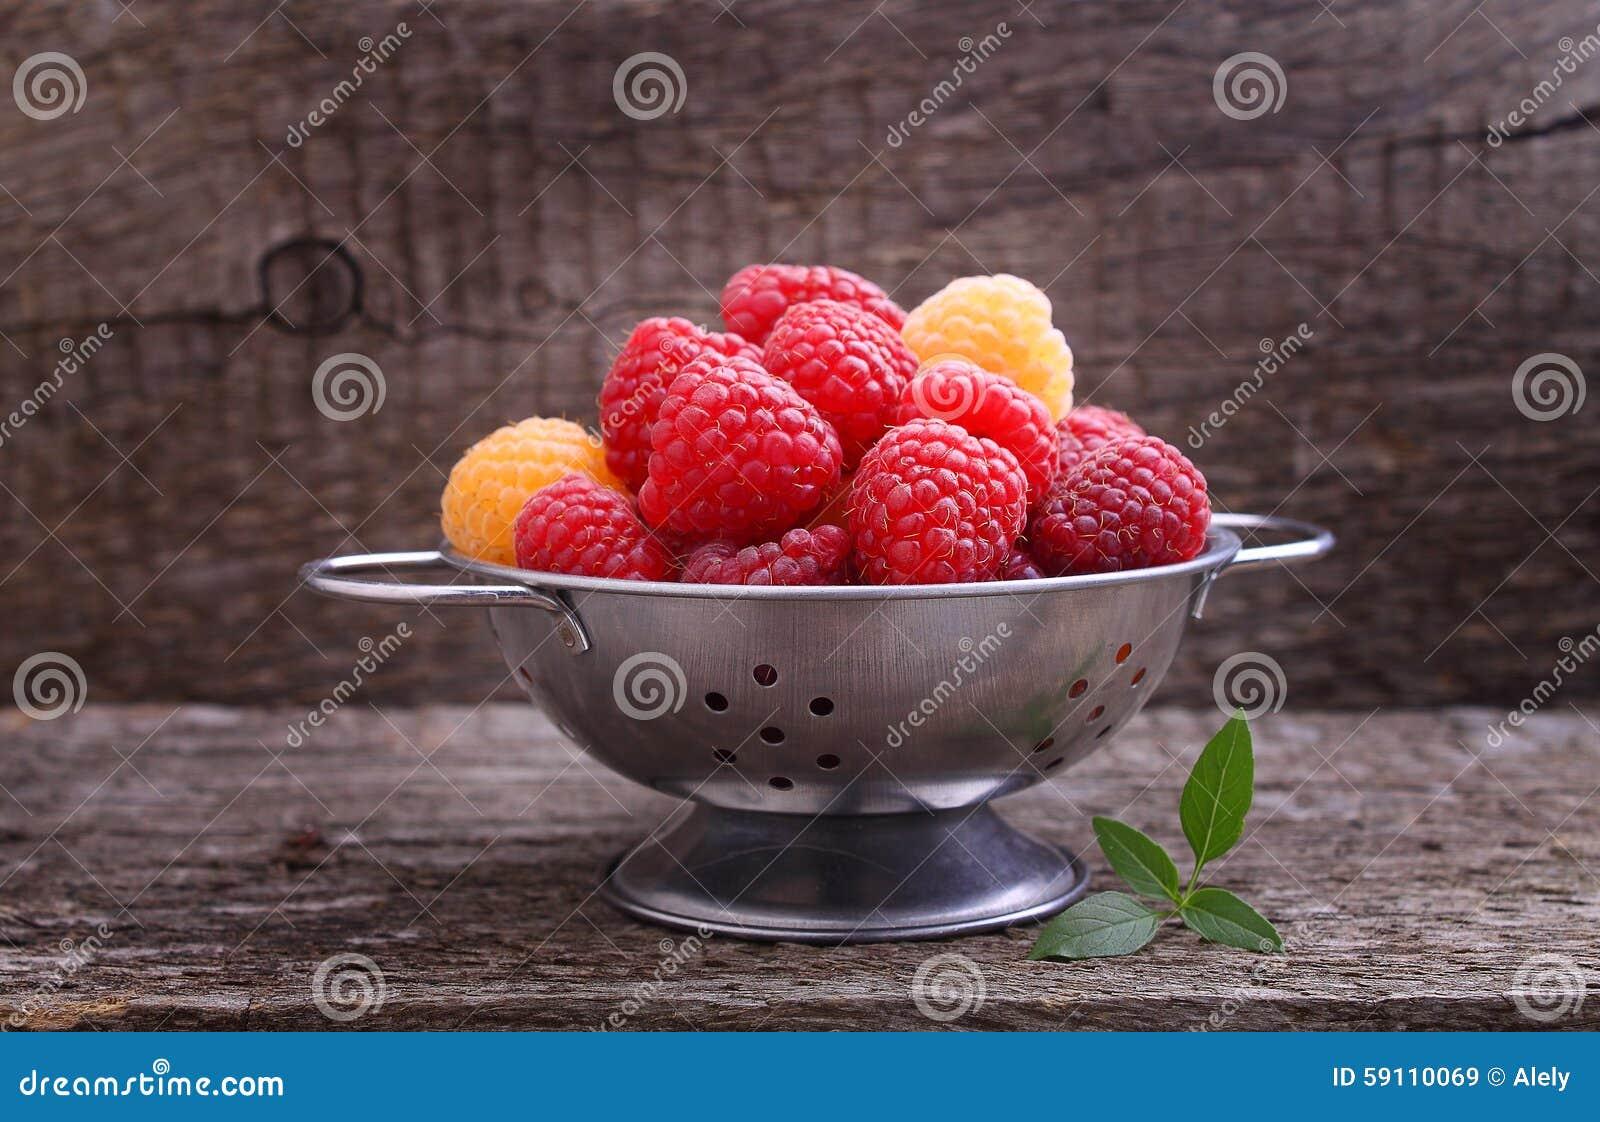 红色的莓果和黄色莓